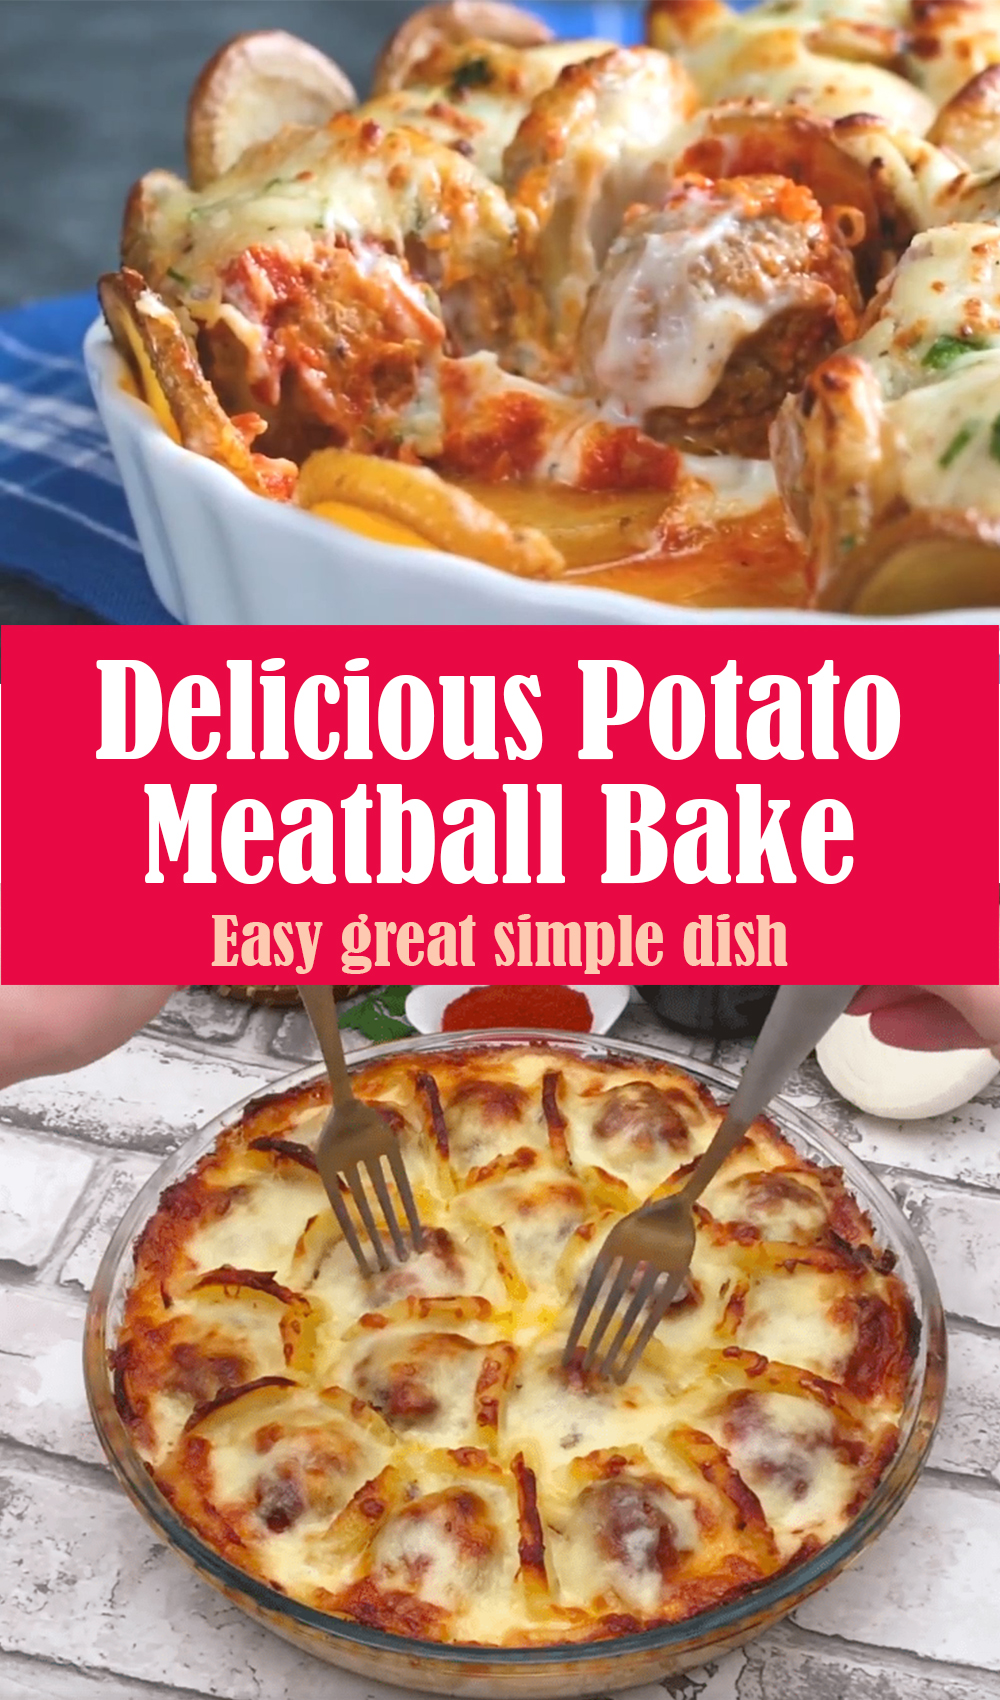 Delicious Potato Meatball Bake